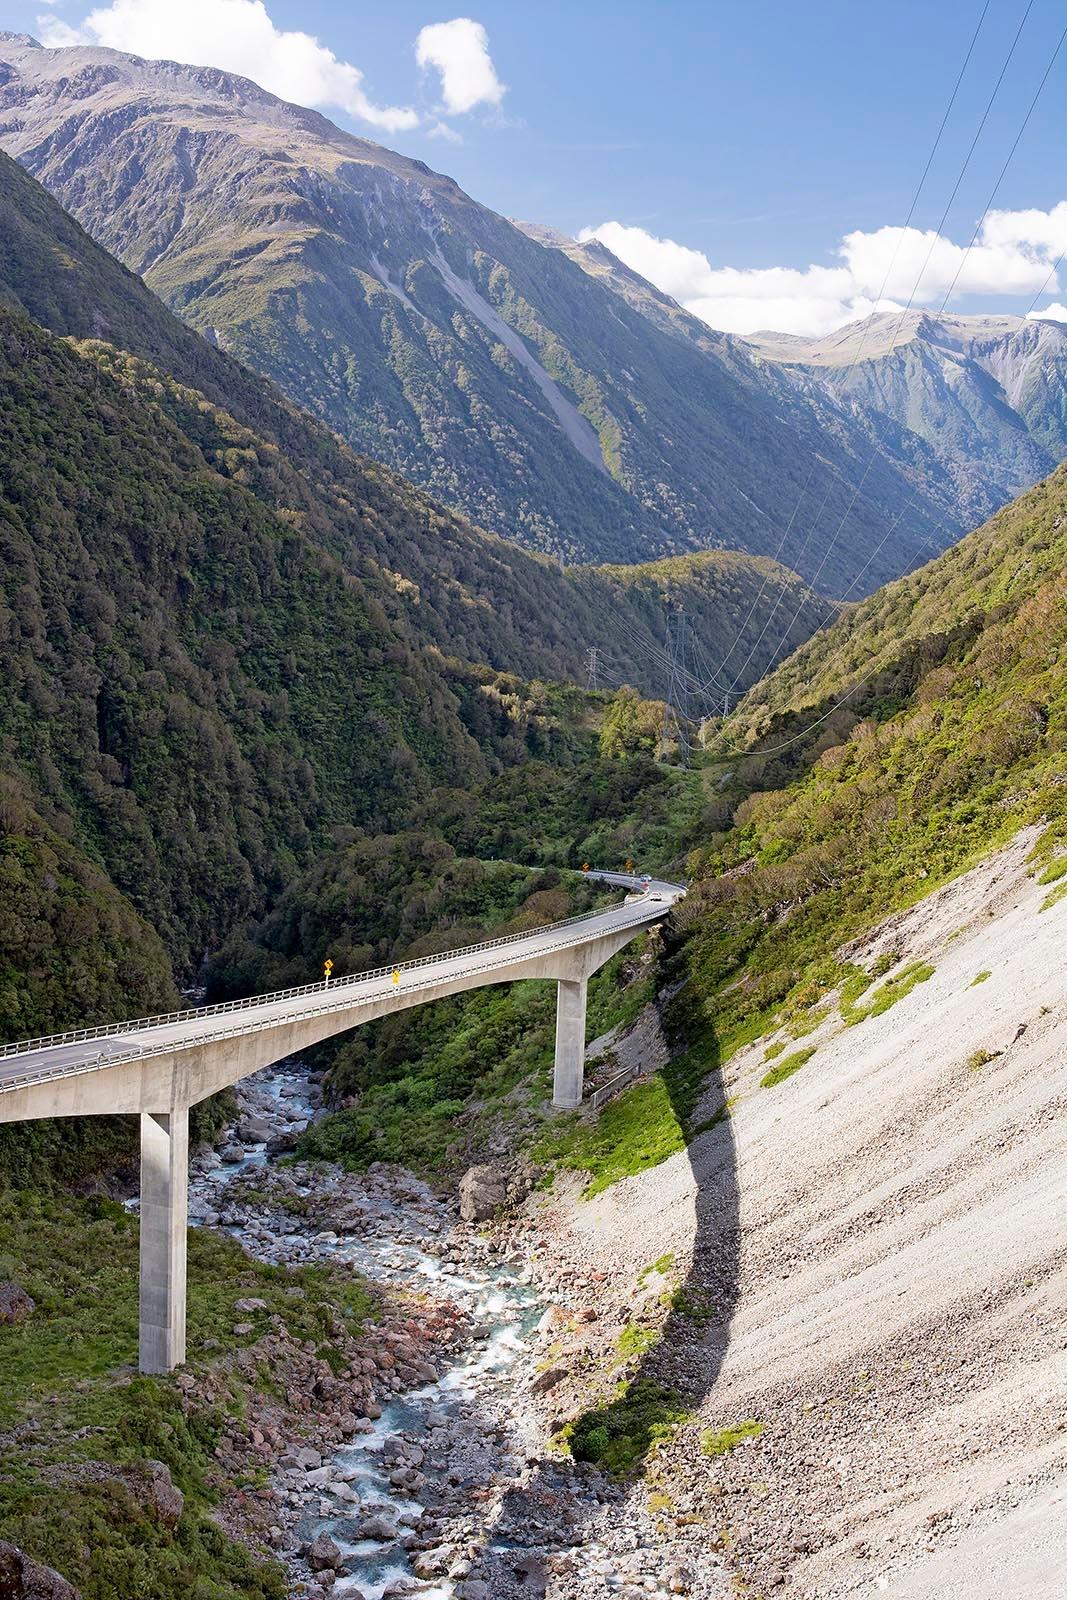 Otira Gorge by TerraEncounters